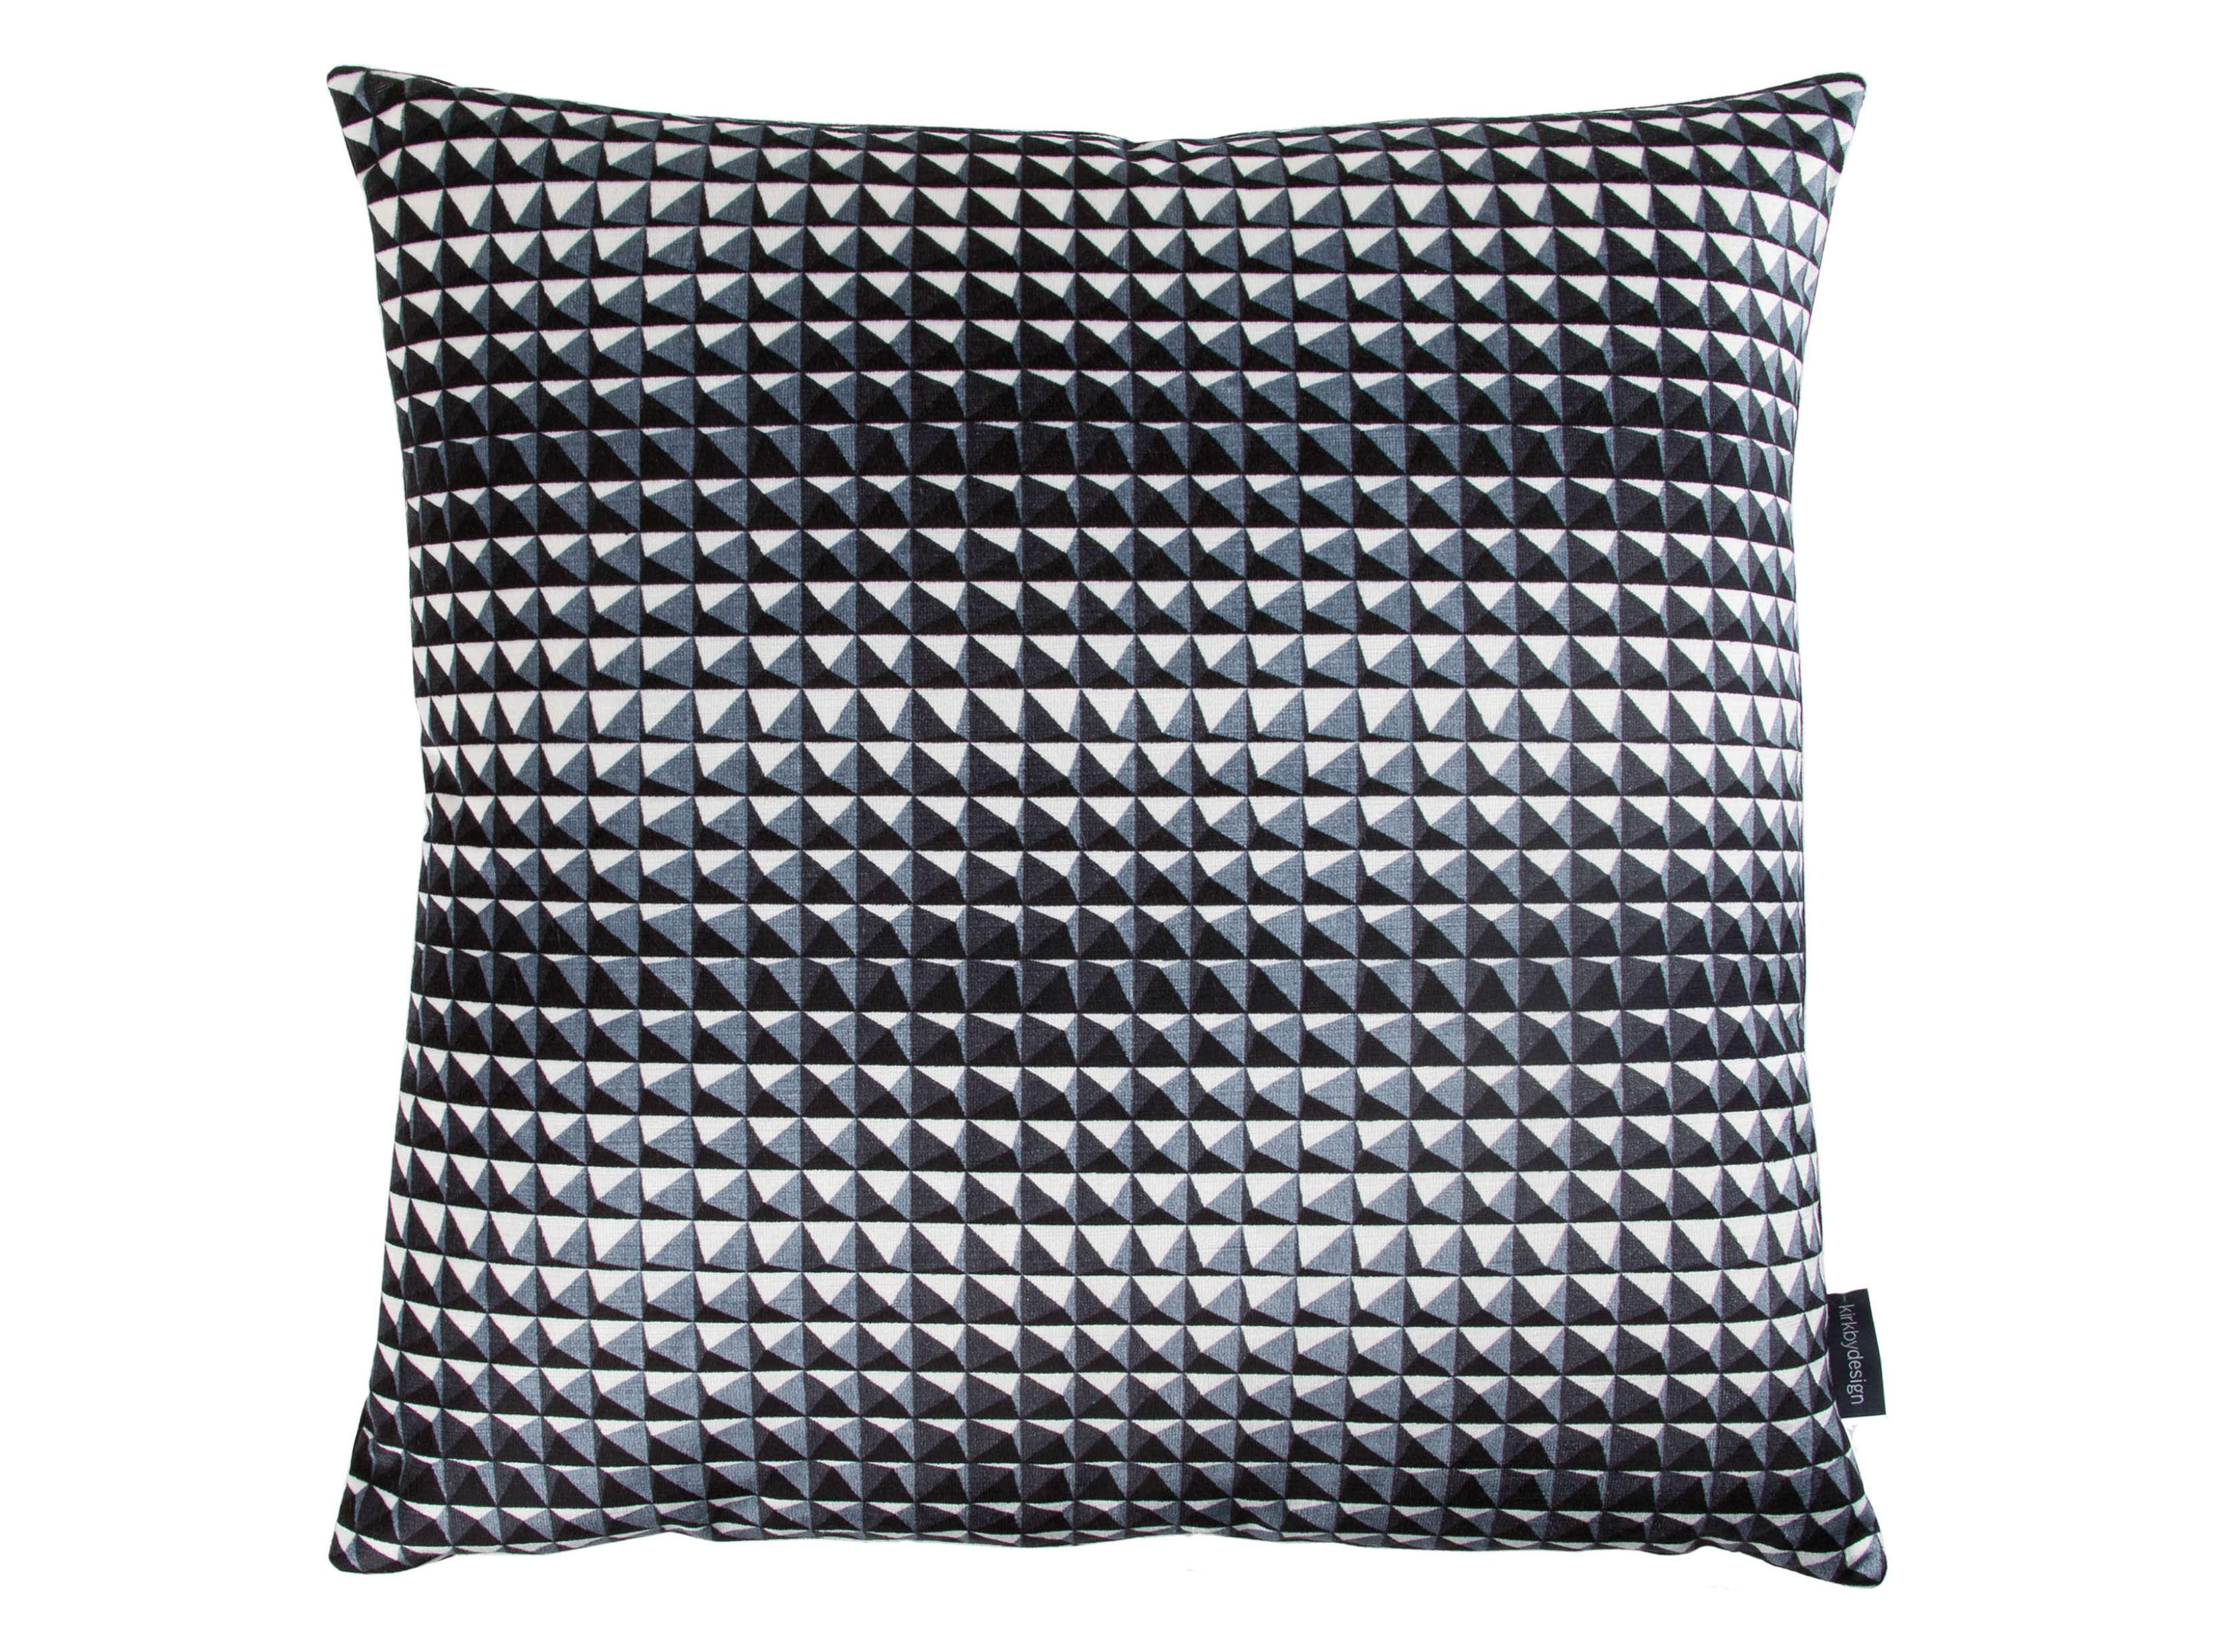 【海外取寄品】The Domino Pyramid クッションカバー Monochrome by kirkbydesign 50×50cm